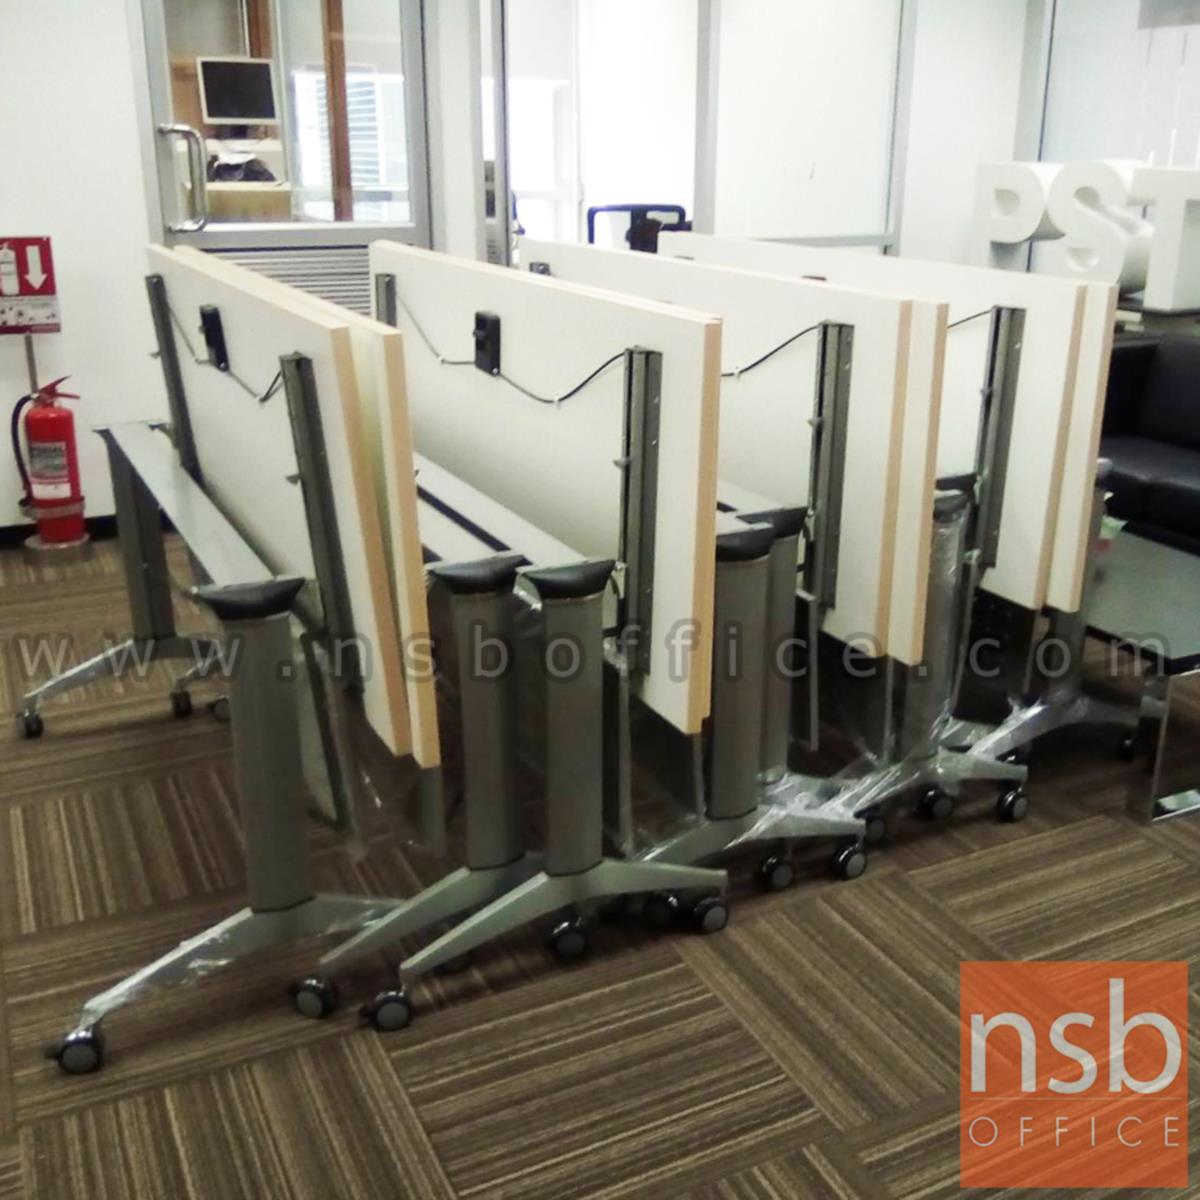 โต๊ะประชุมพับเก็บได้ล้อเลื่อน รุ่น Andover (แอนโดเวอร์)  ขนาด 120W, 150W, 180W cm. มีบังตาเหล็ก ขาอลูมิเนียม